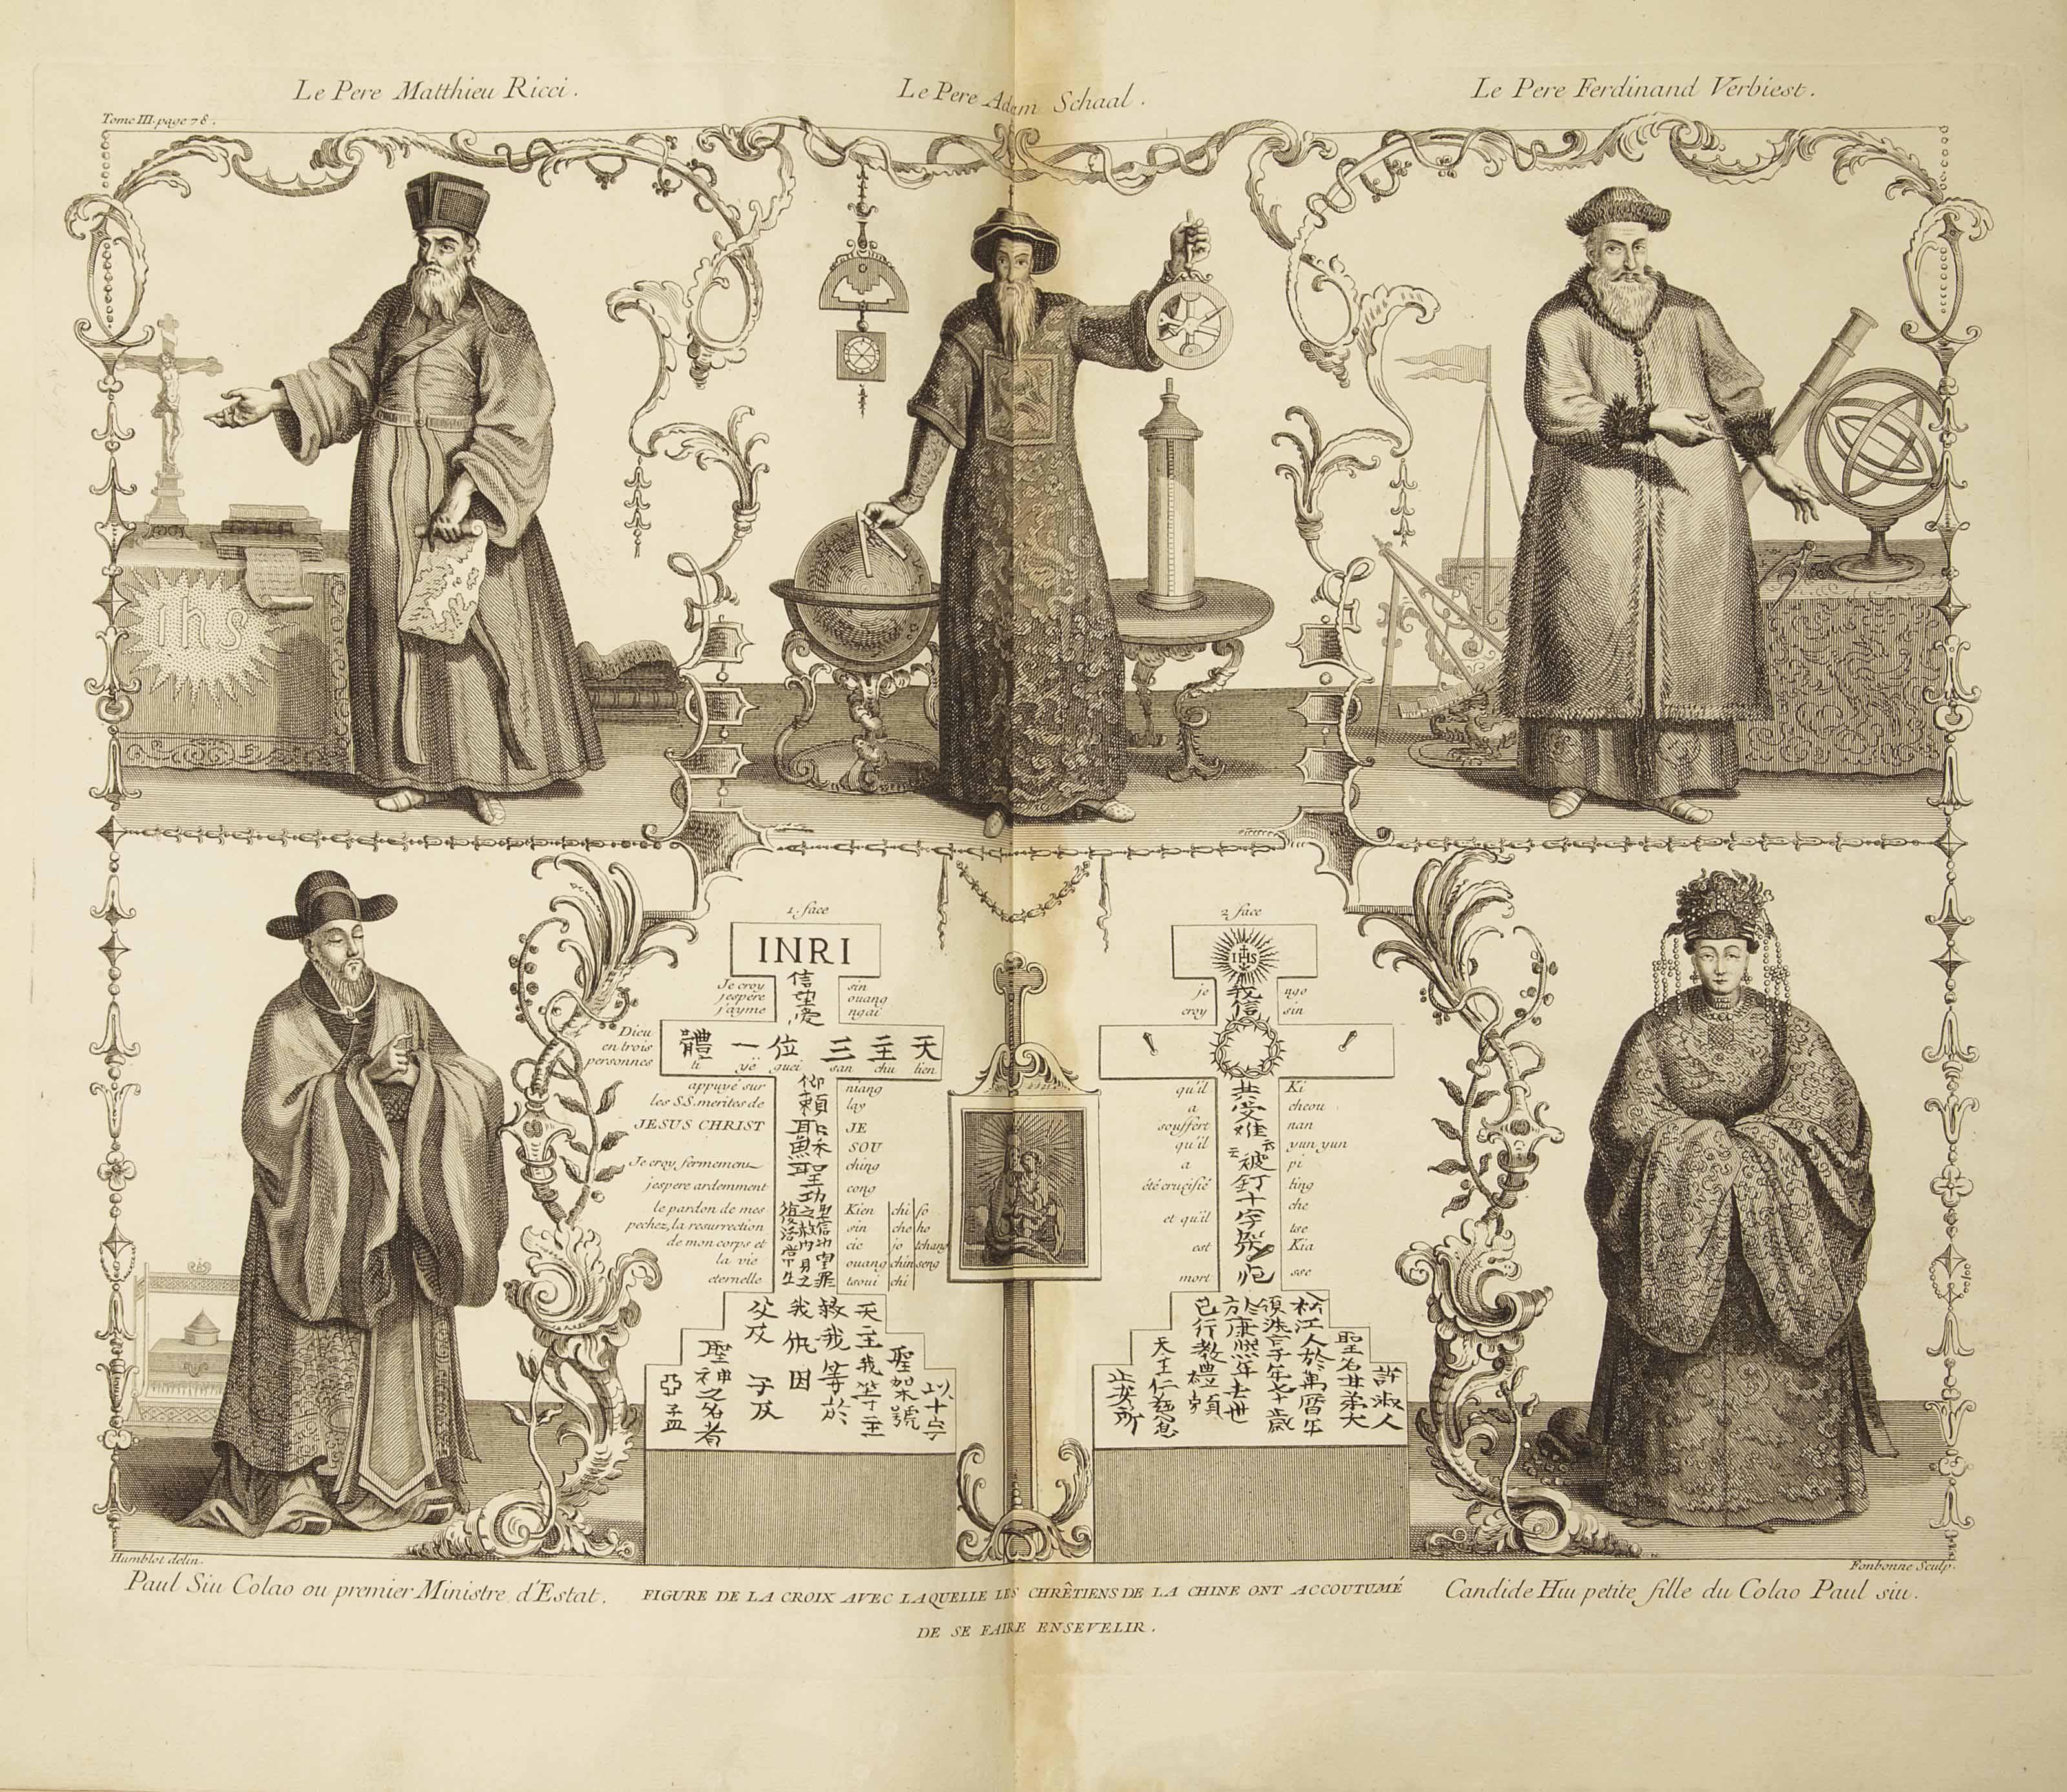 DU HALDE, Jean Baptiste (1674-1743). Description géographique, historique, chronologique, politique, et physique de l'empire de la Chine et de la Tartarie Chinoise. Paris: Le Mercier, 1735.